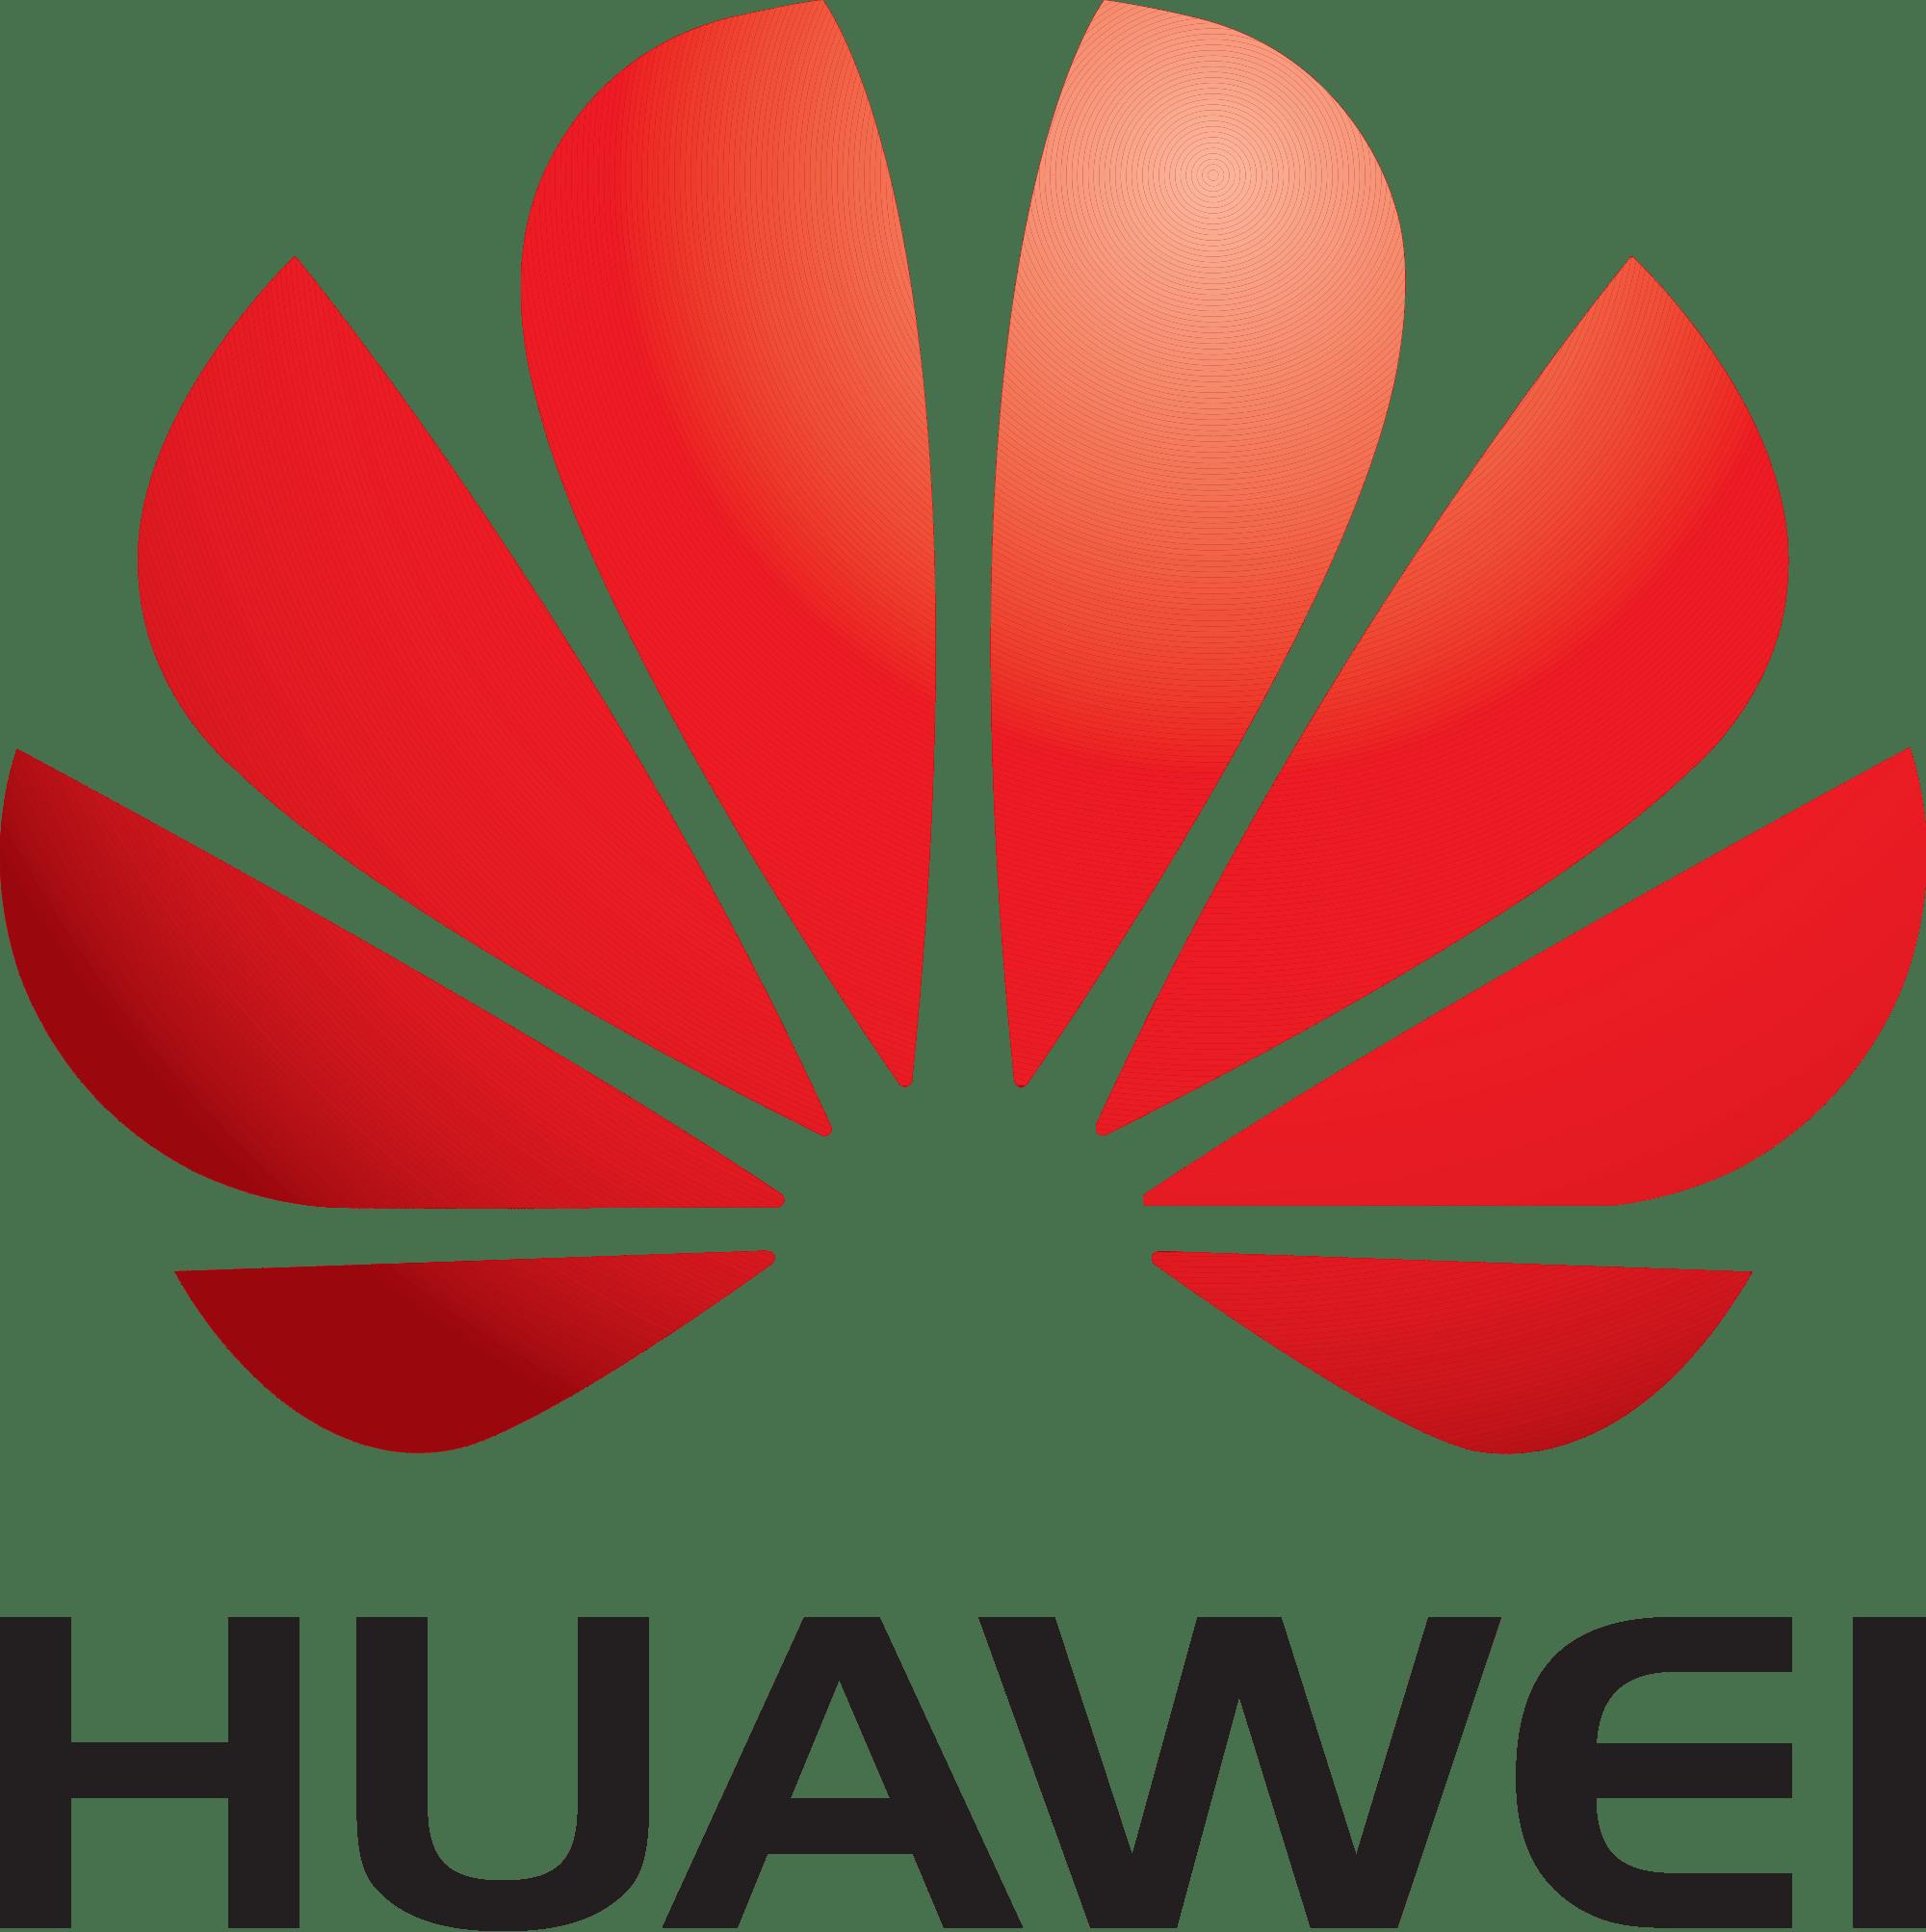 Riesenwohnzimmer für Huawei